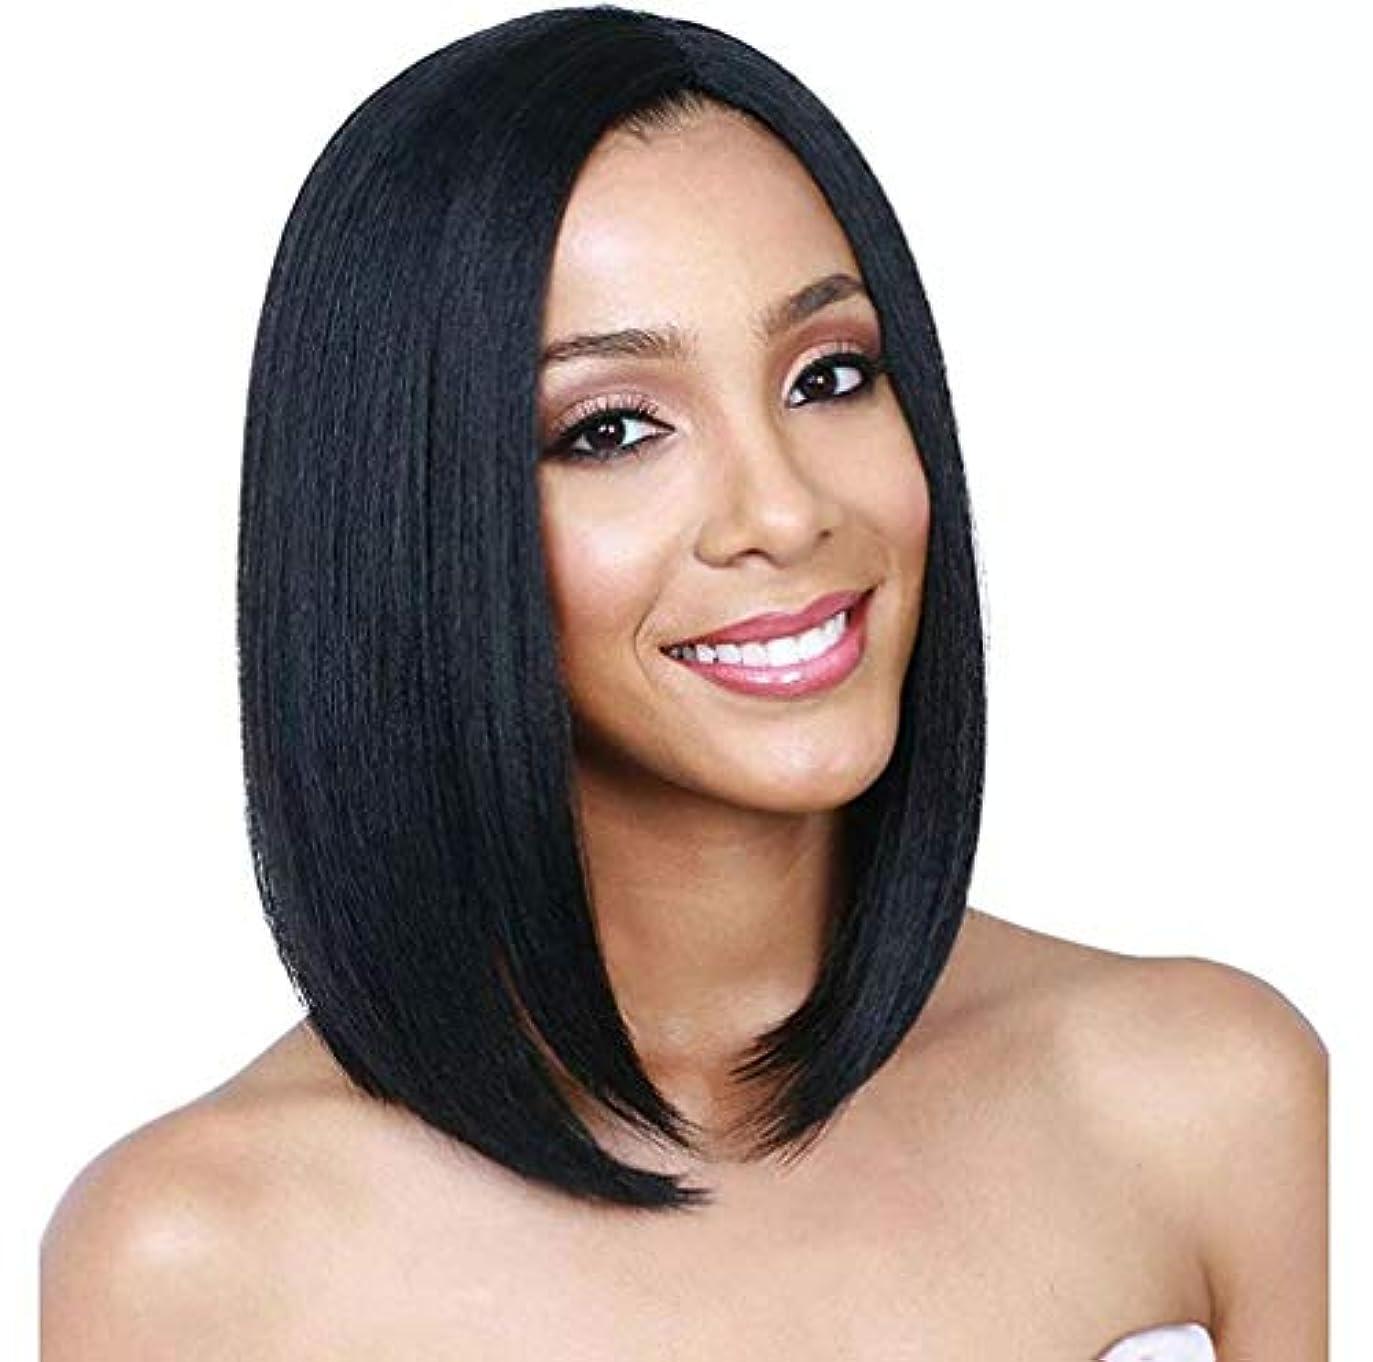 助言する相談ミシン女性のかつらボブストレート人工毛ウィッグ耐熱繊維グルーレス髪の毎日パーティーグラデーション150%高密度